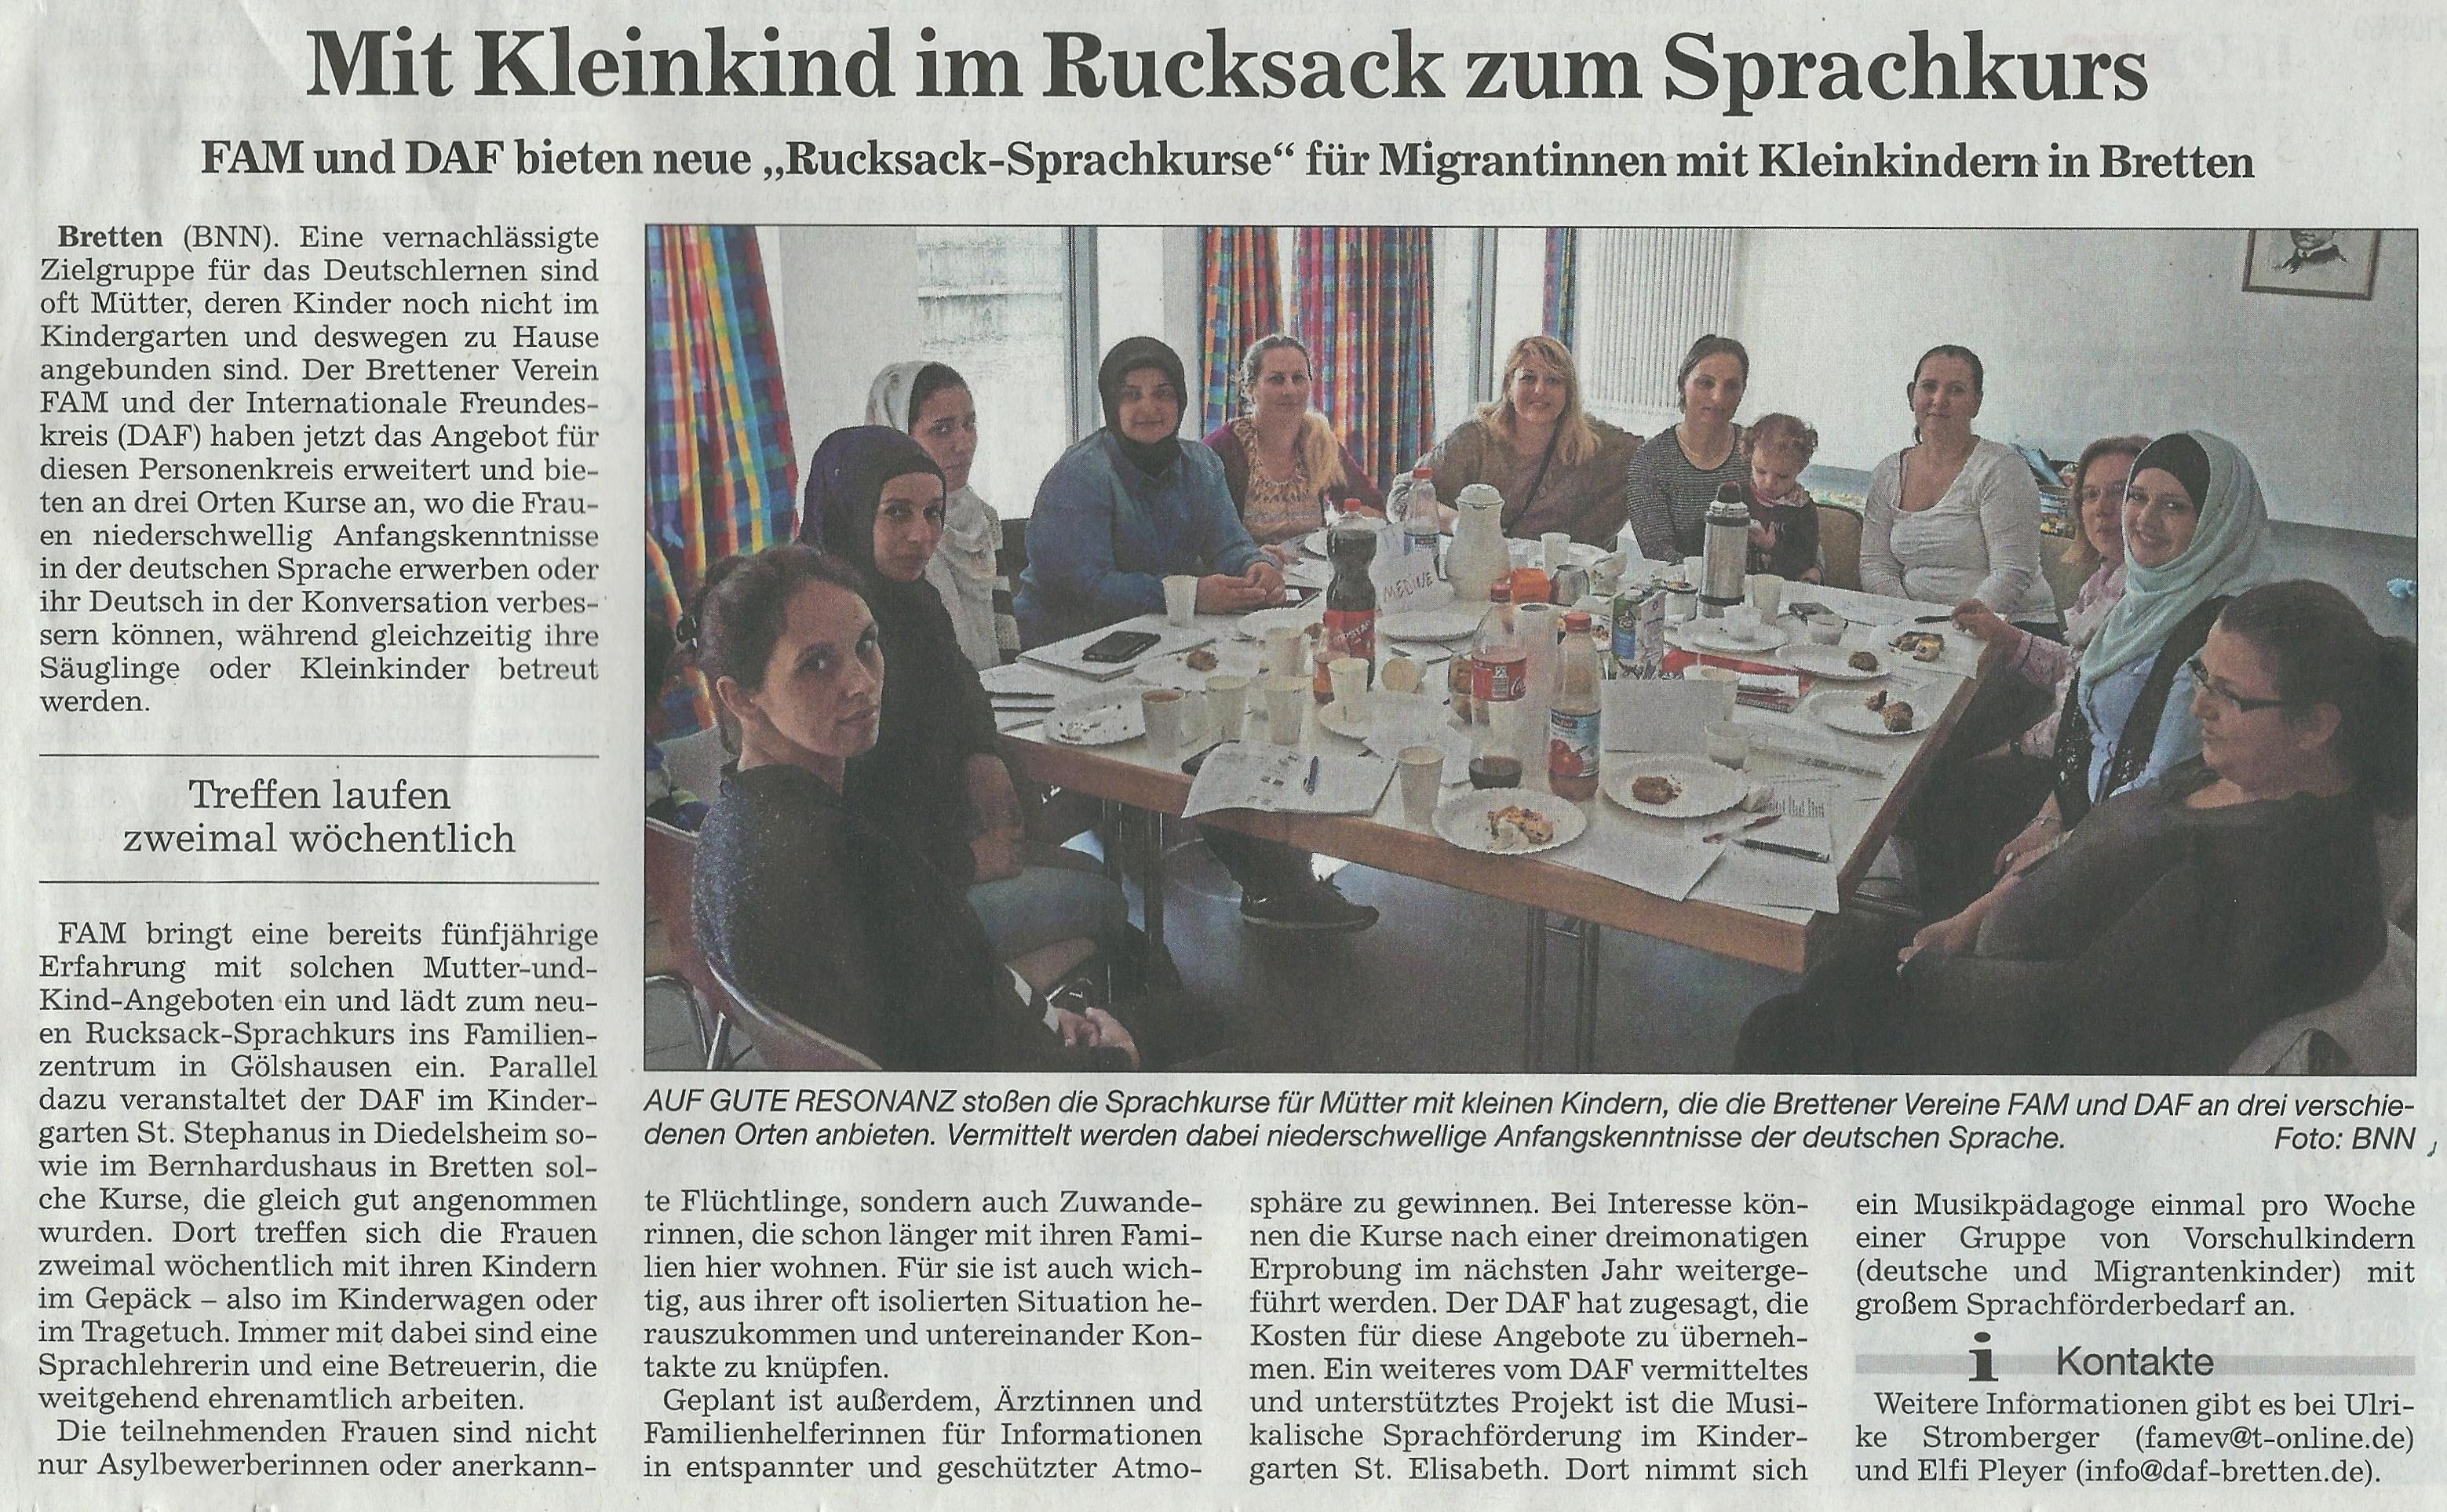 artikel deutsche sprache